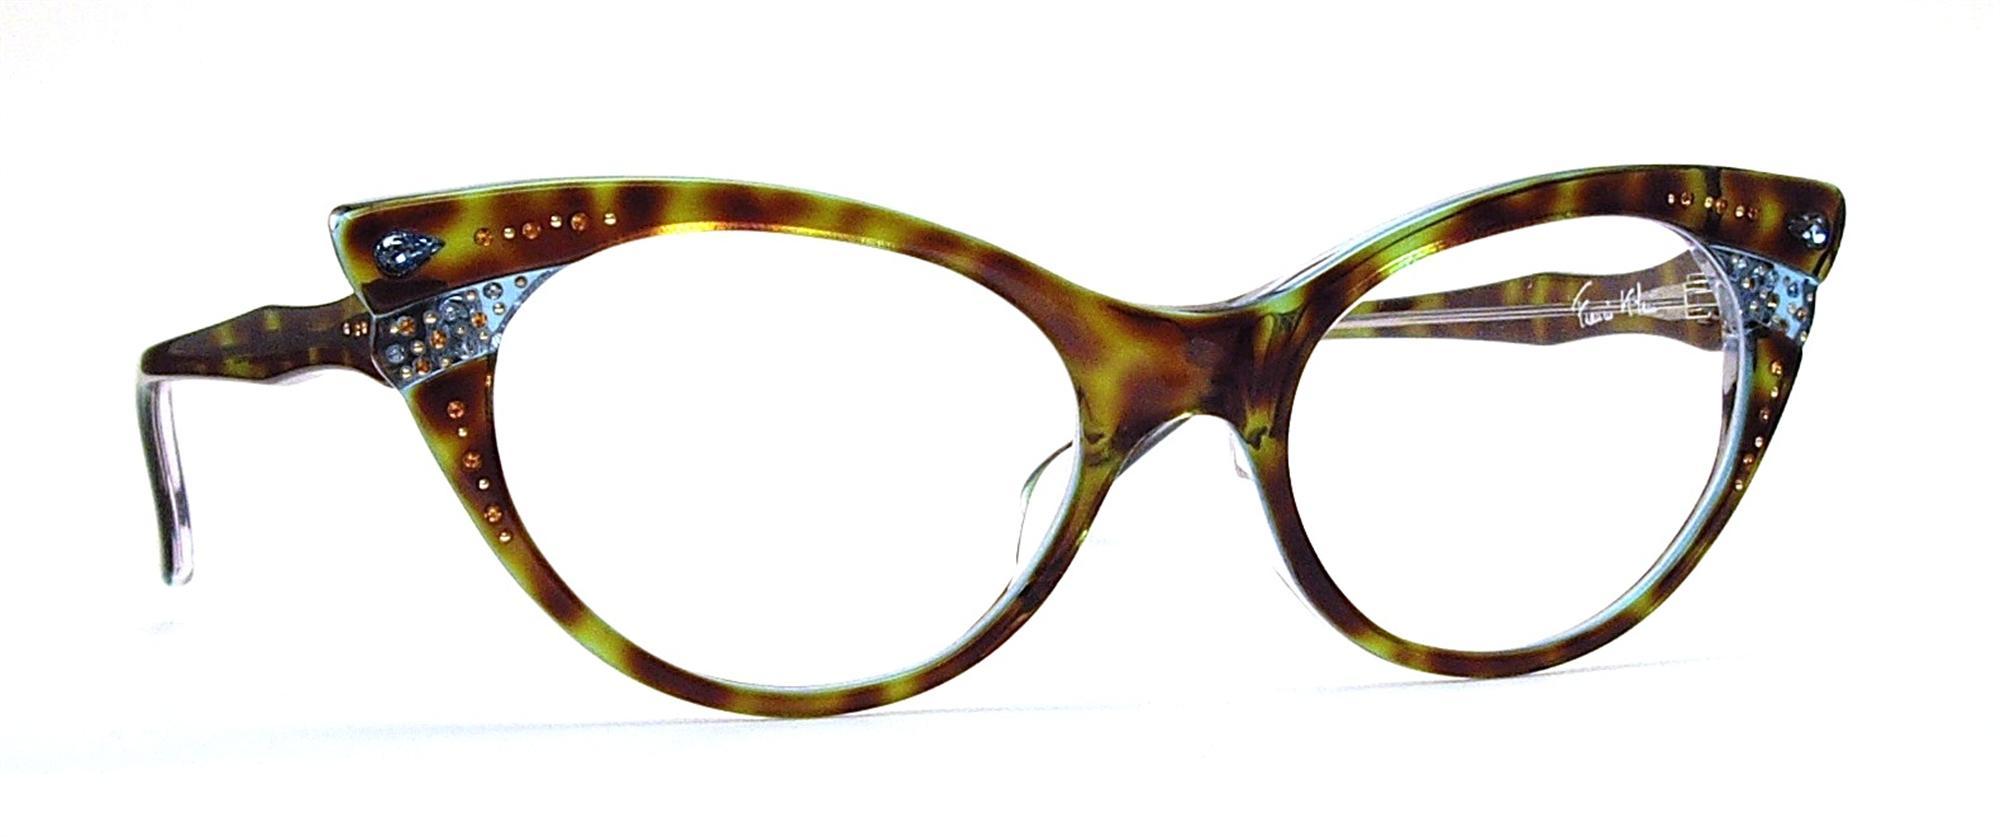 Cateye Glasses Eye Spy Optical Eye Spy Optical